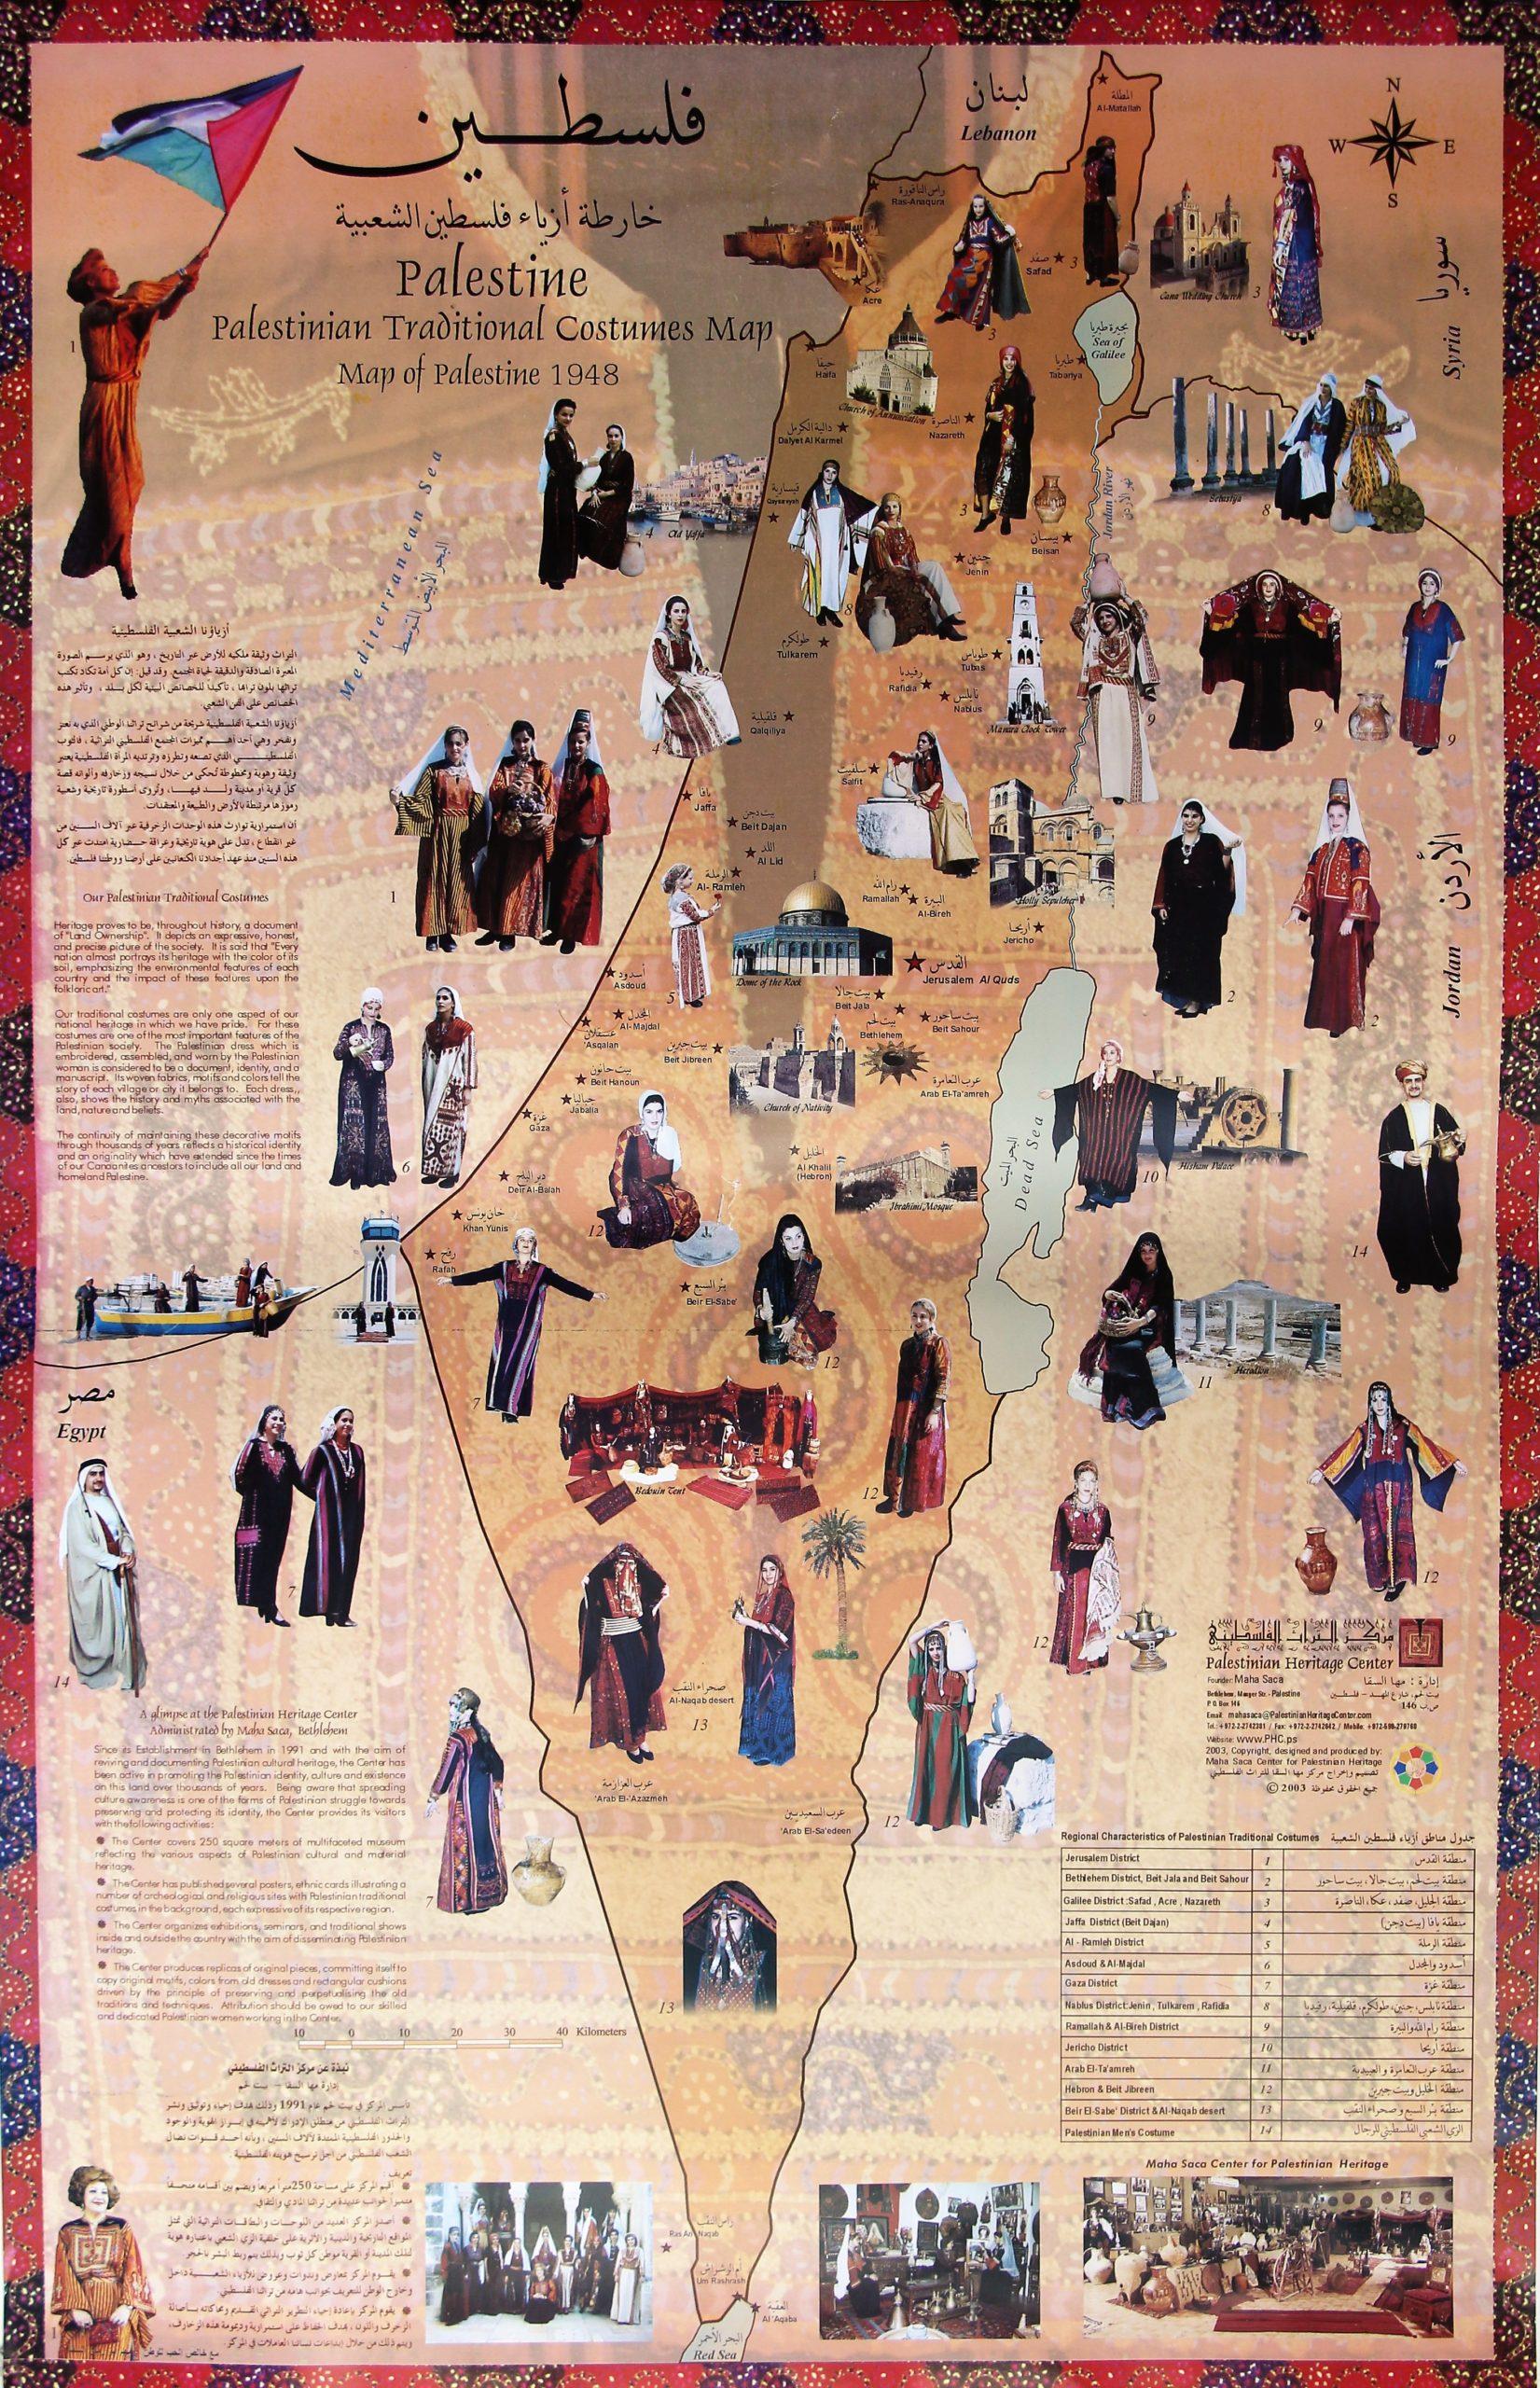 خارطة أزياء فلسطين الشعبية